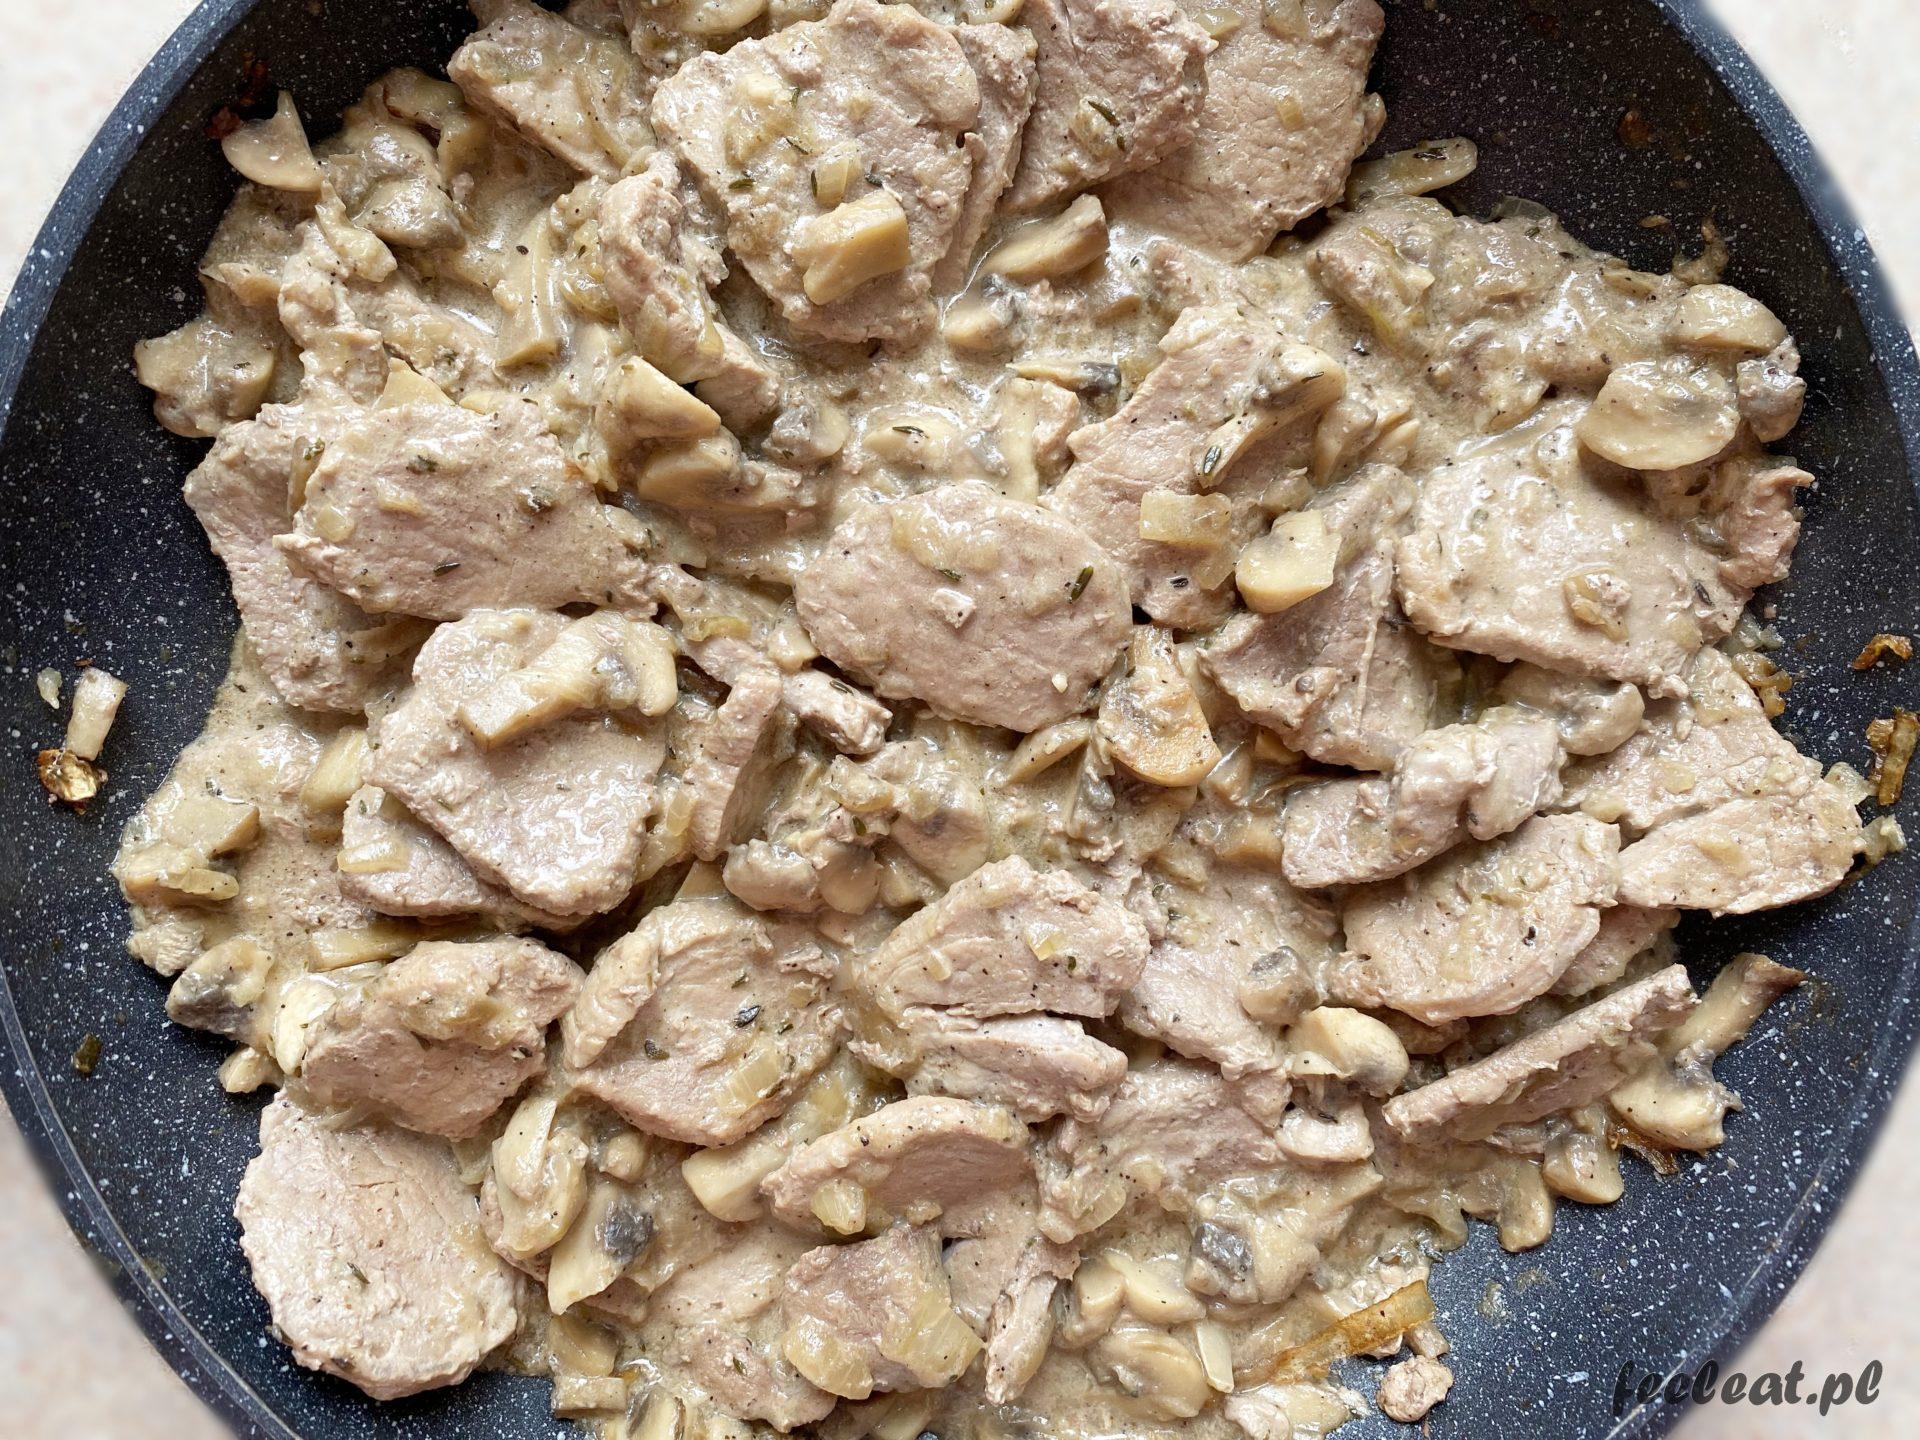 Polędwiczka wieprzowa z pieczarkami i cebulą